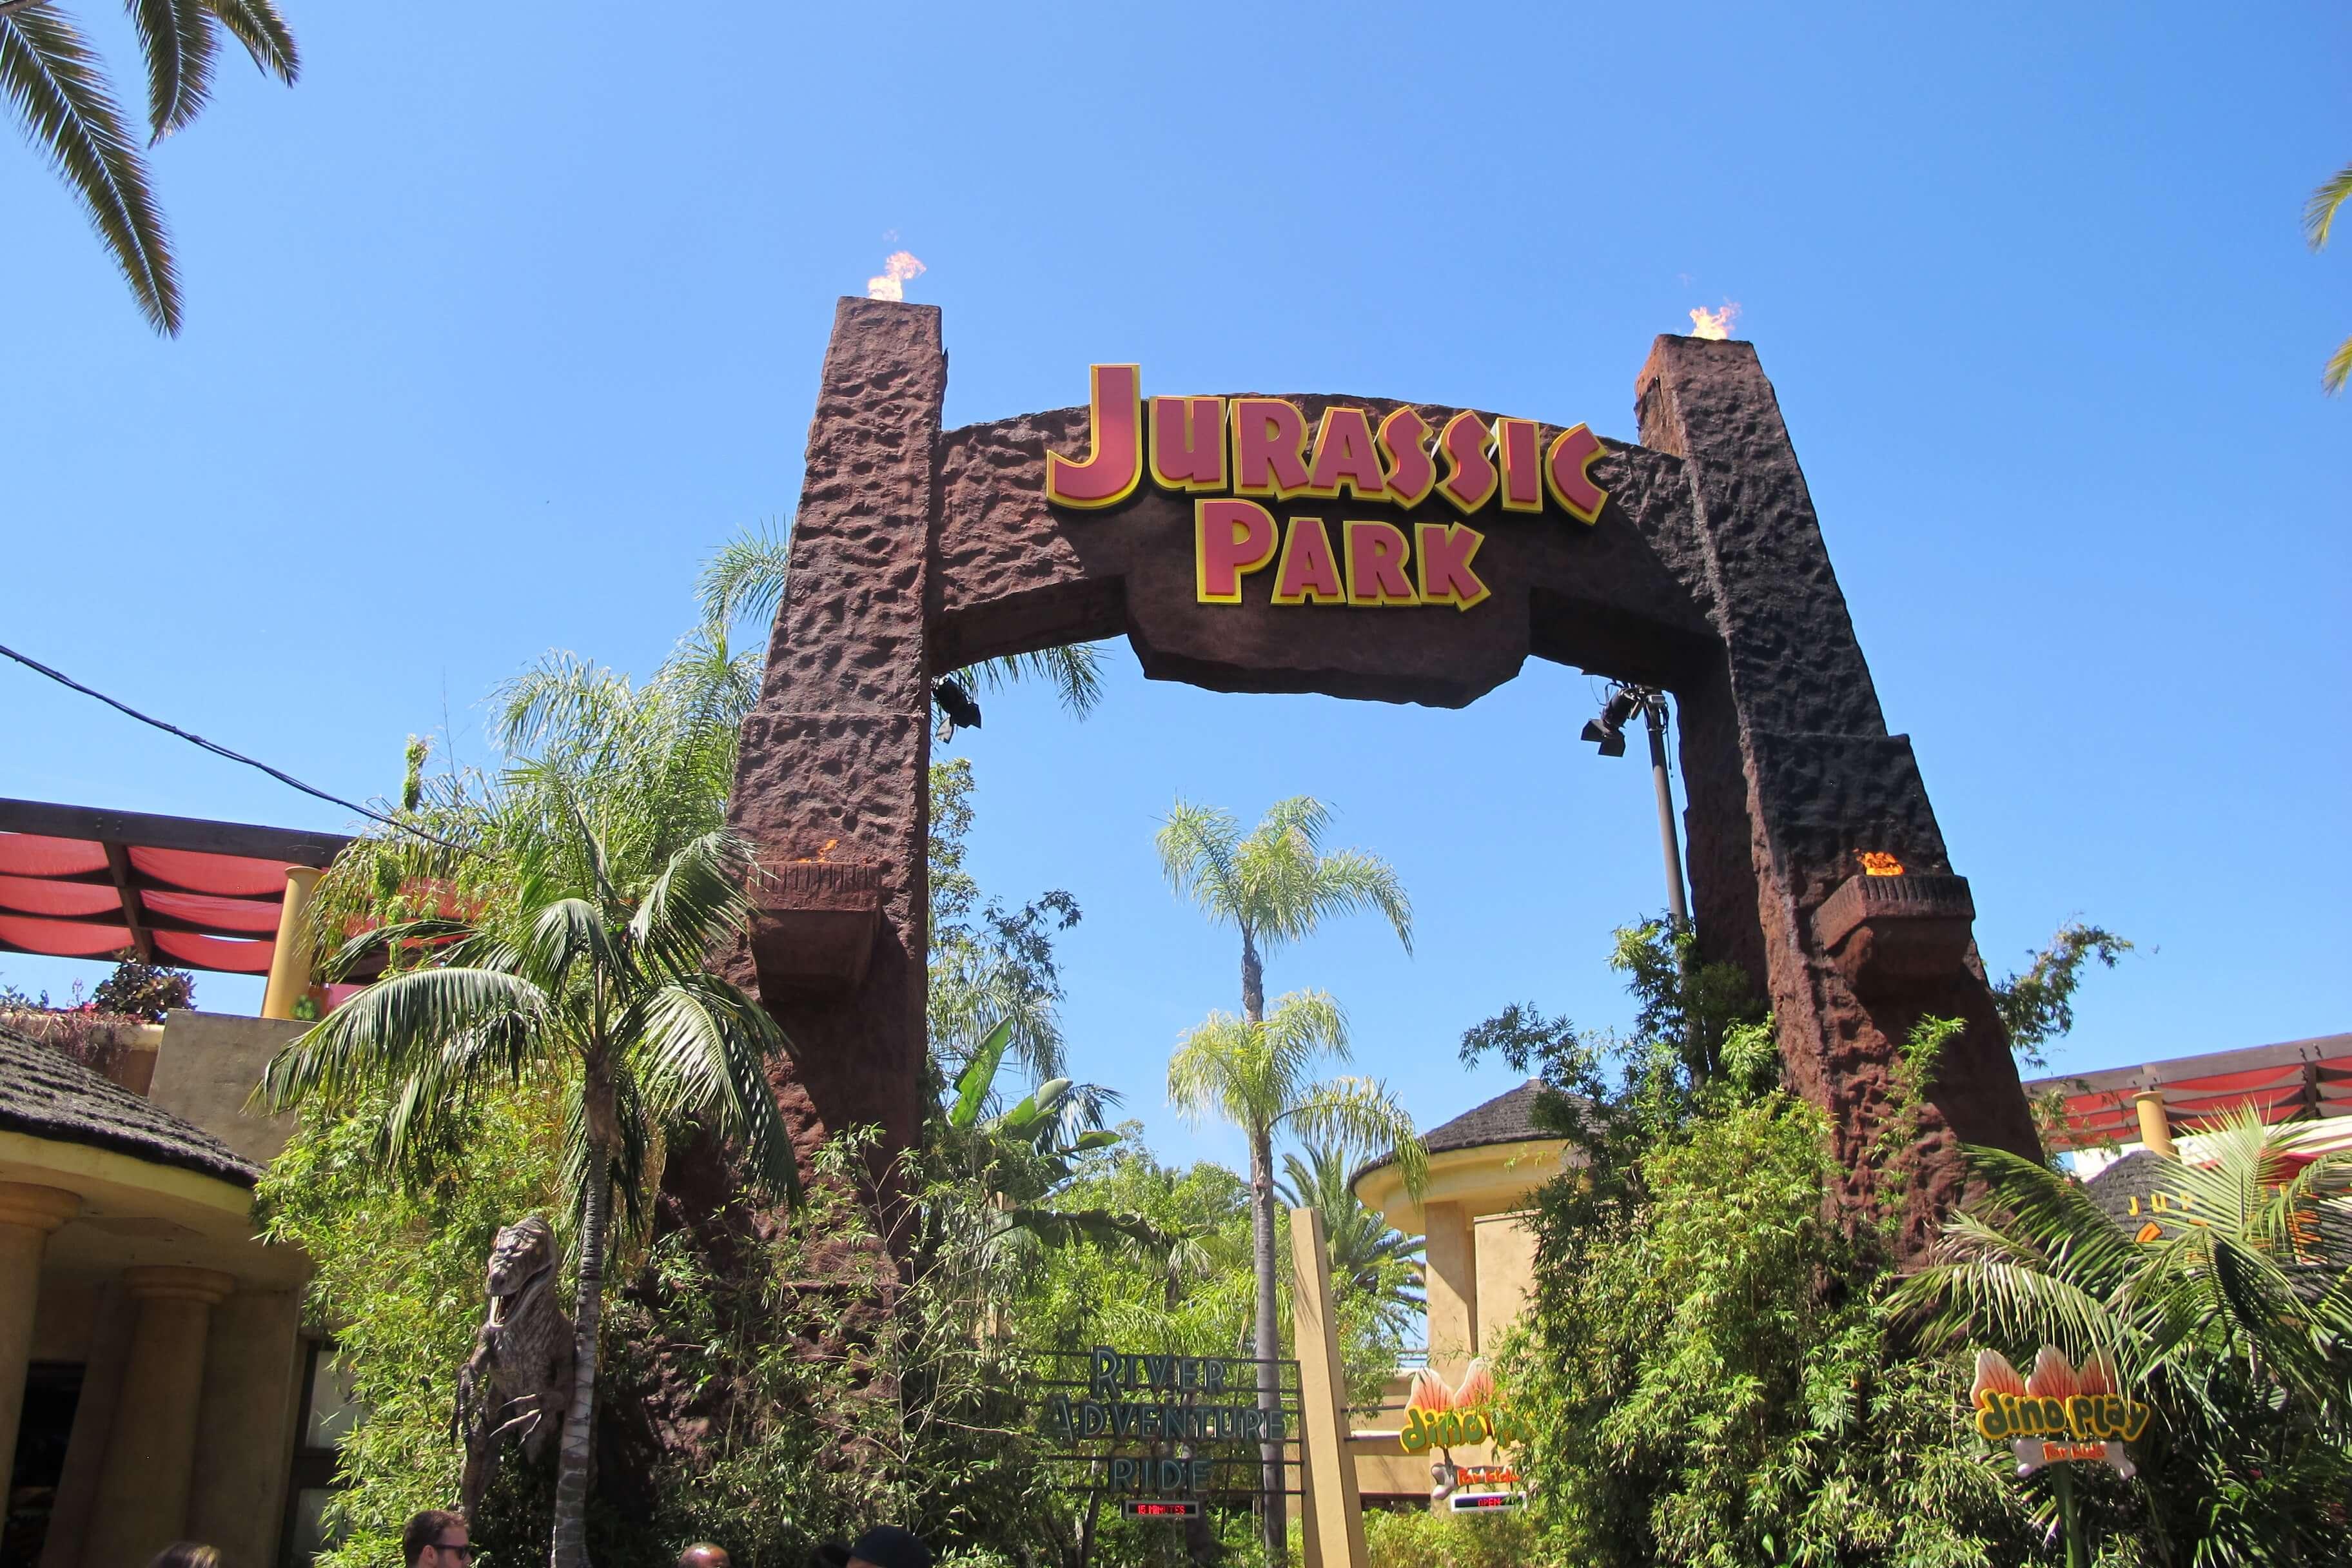 🦖🌴Jurassik Park à Universal Studios d'Hollywood ! Sur Goodie Mood, le blog Feel Good d'une française expatriée à Los Angeles. #universalstudios #hollywood #californie #expat #LosAngeles #Attraction #Parc #HarryPotter